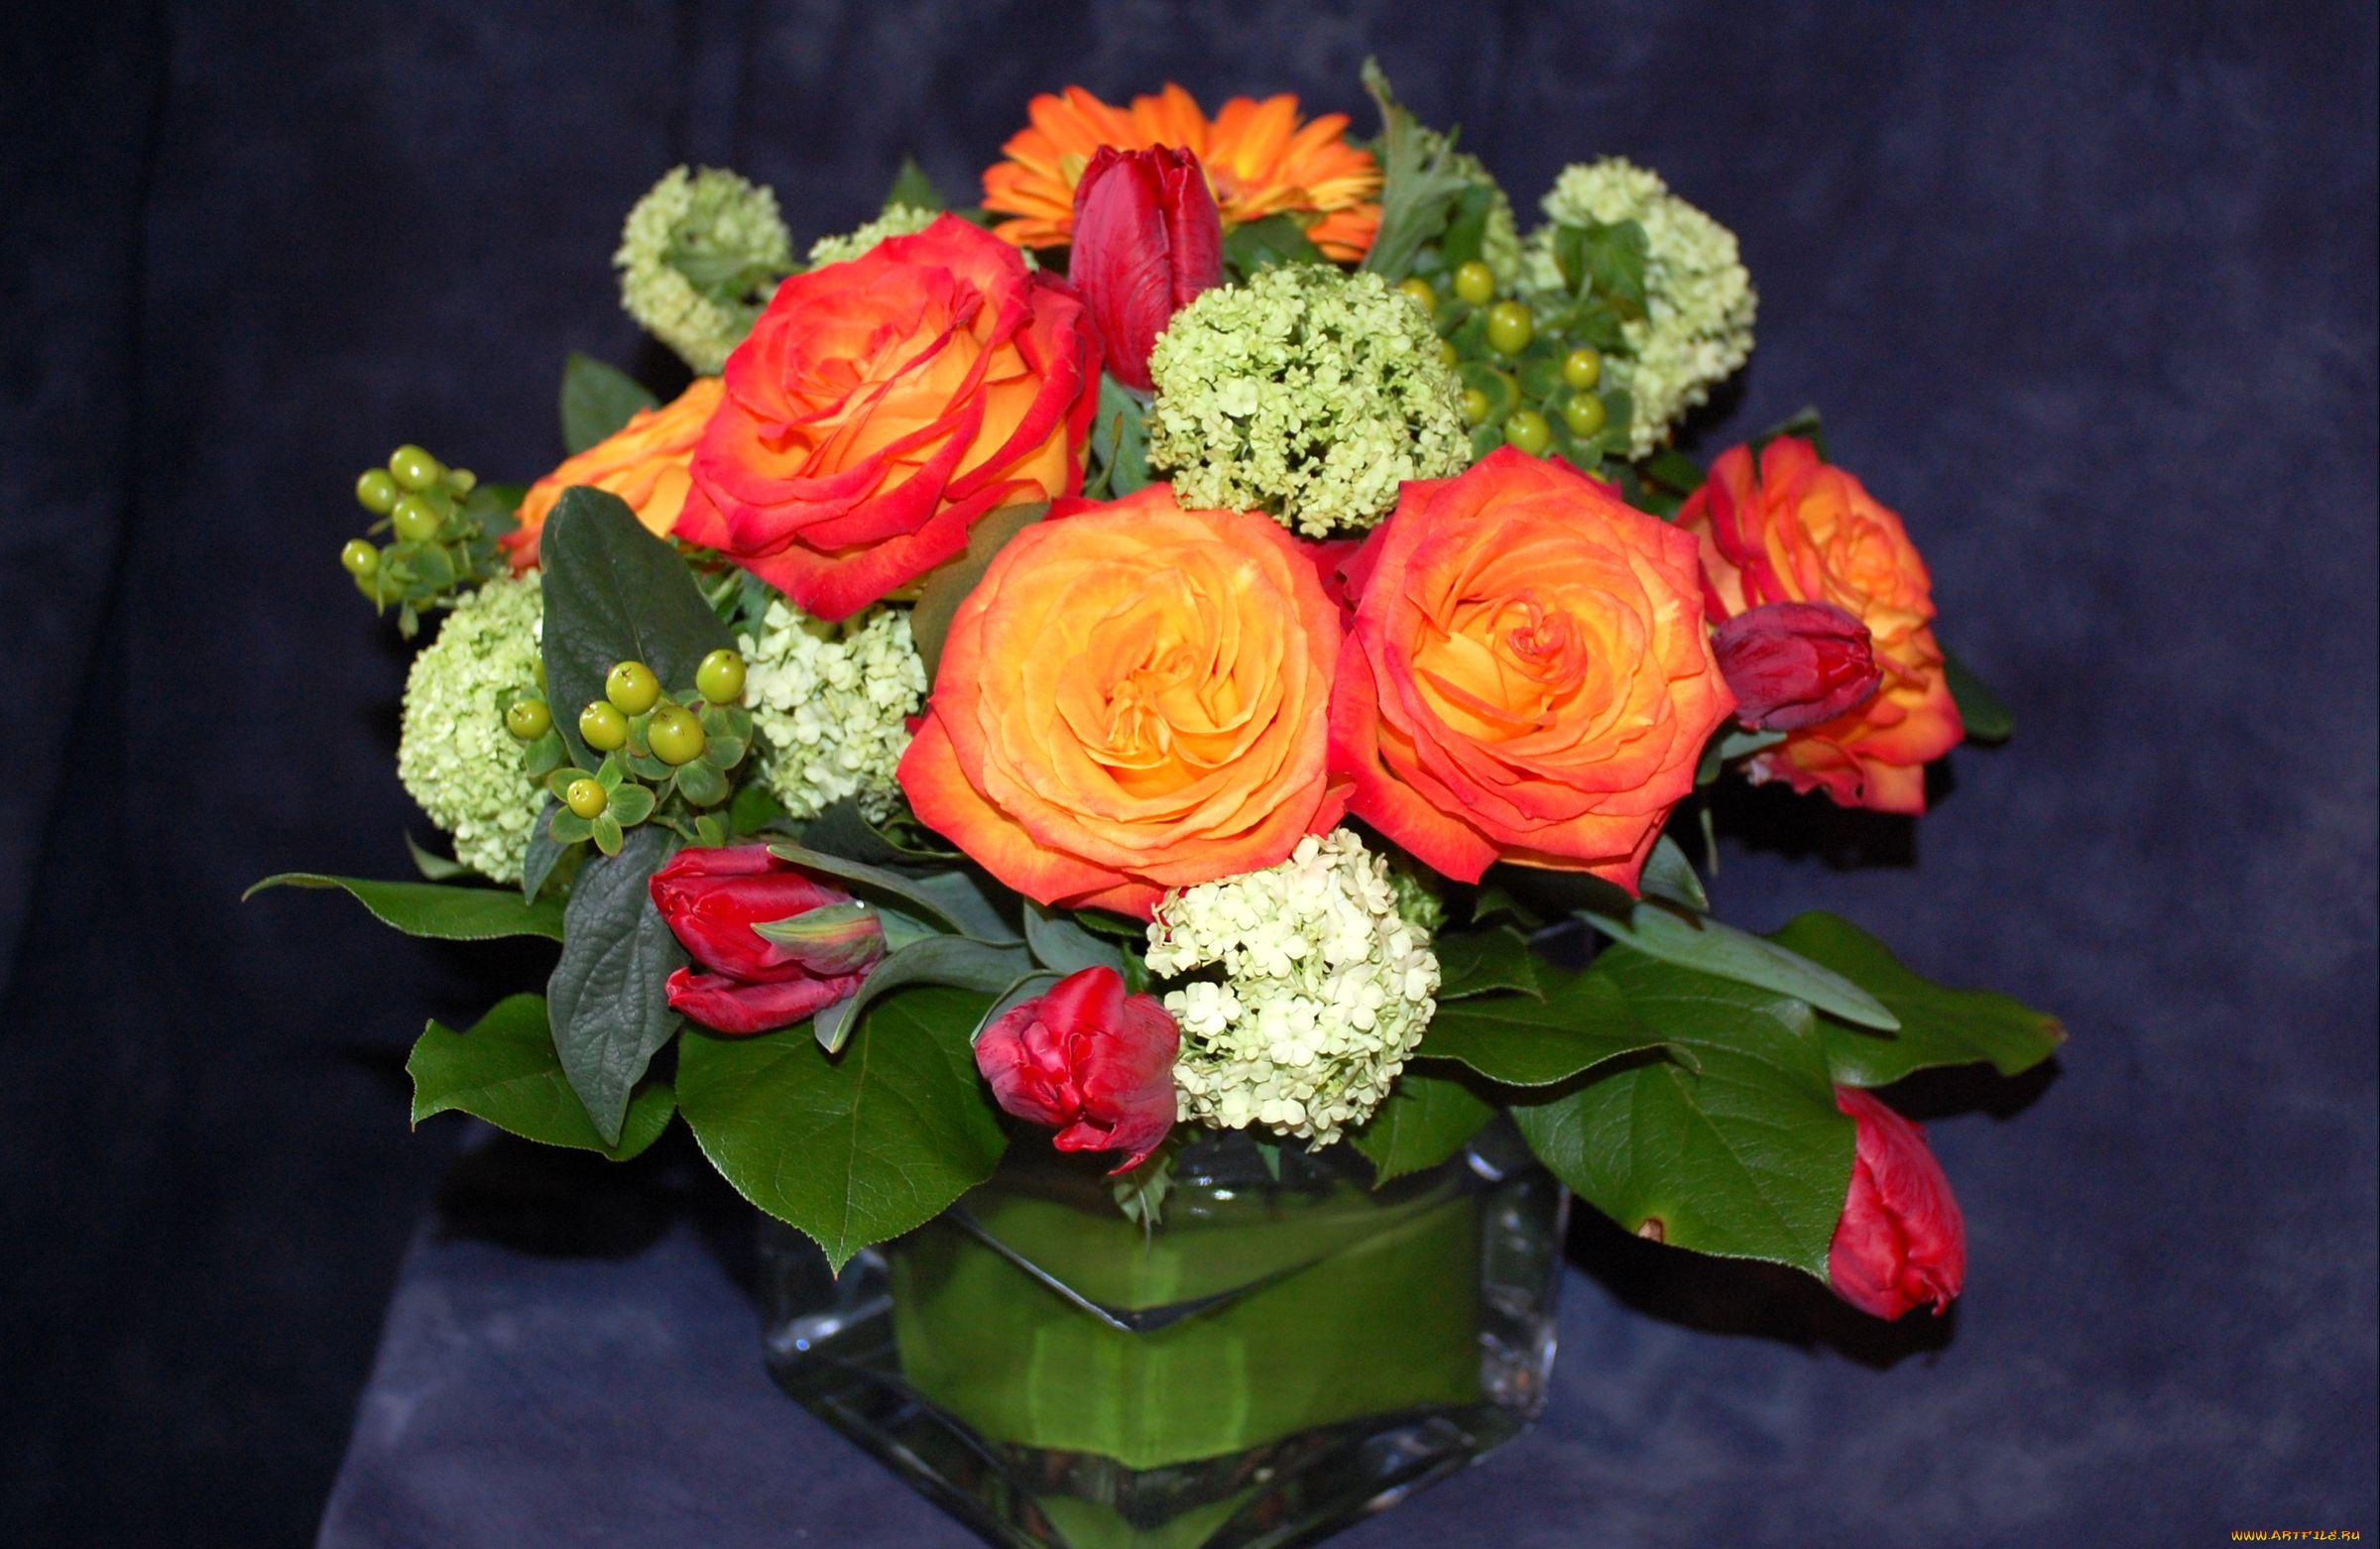 розы, букет, зелень без смс